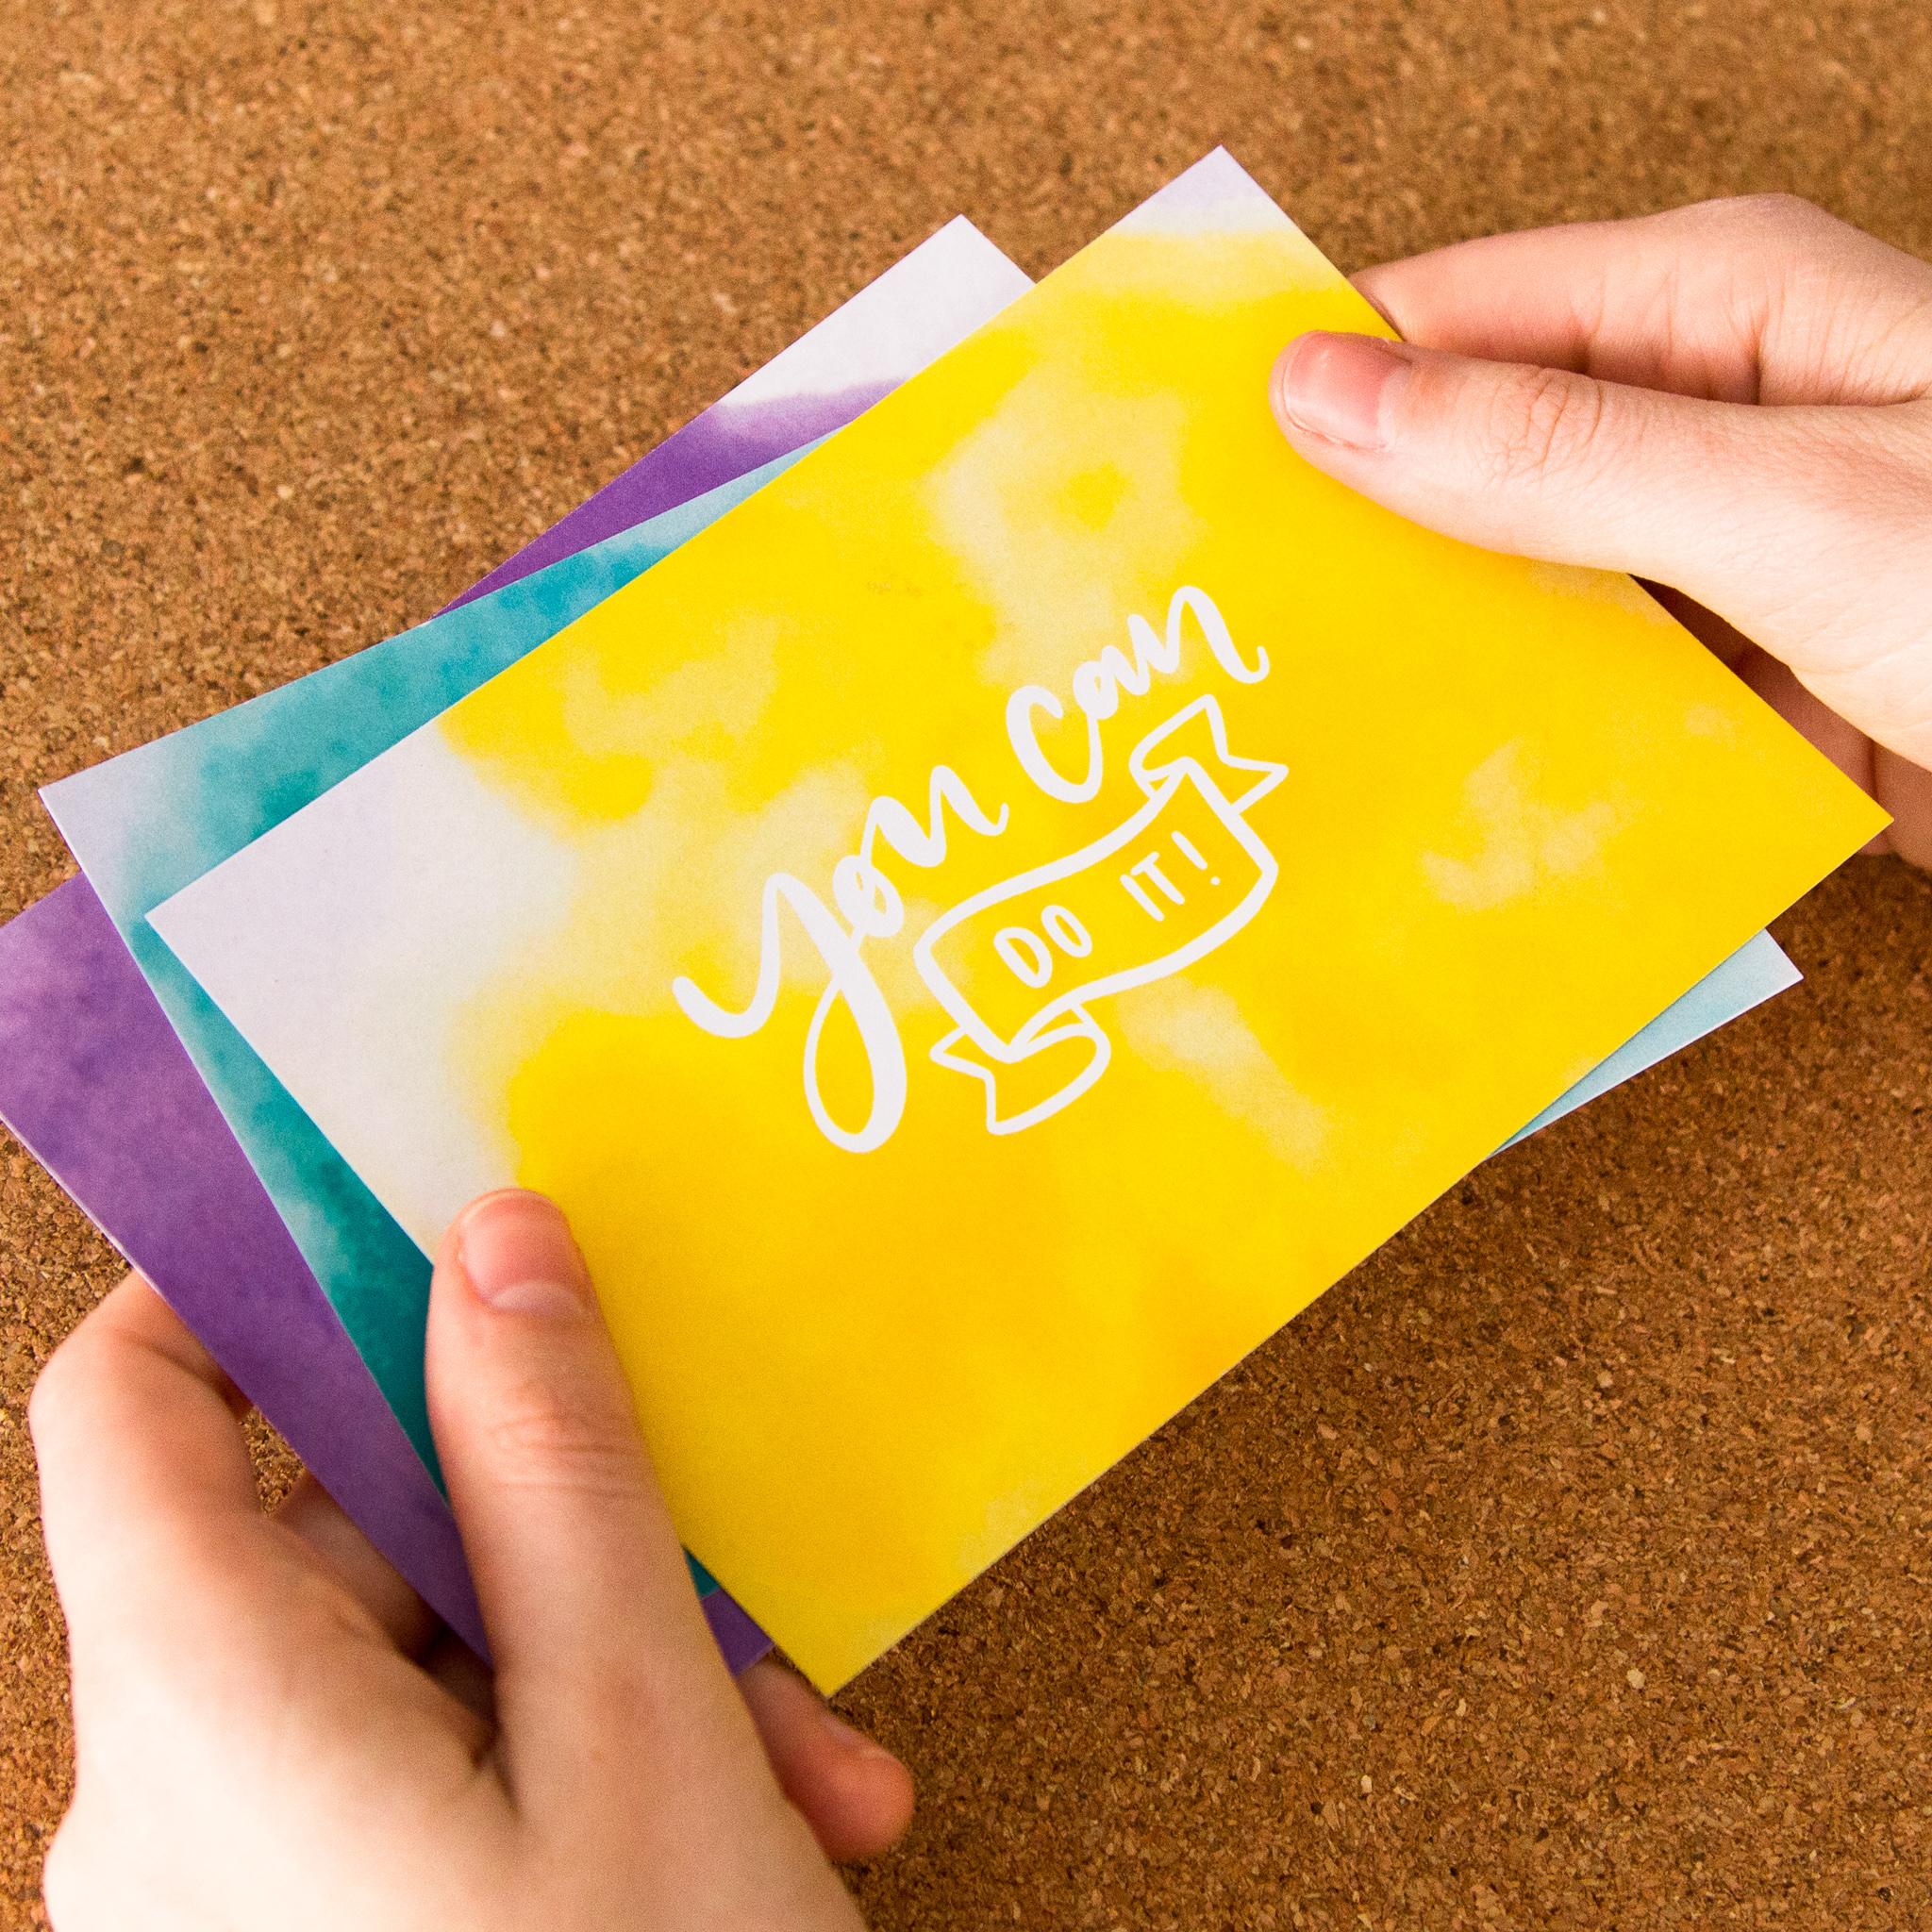 Postkarten im Brushlettering-Stil